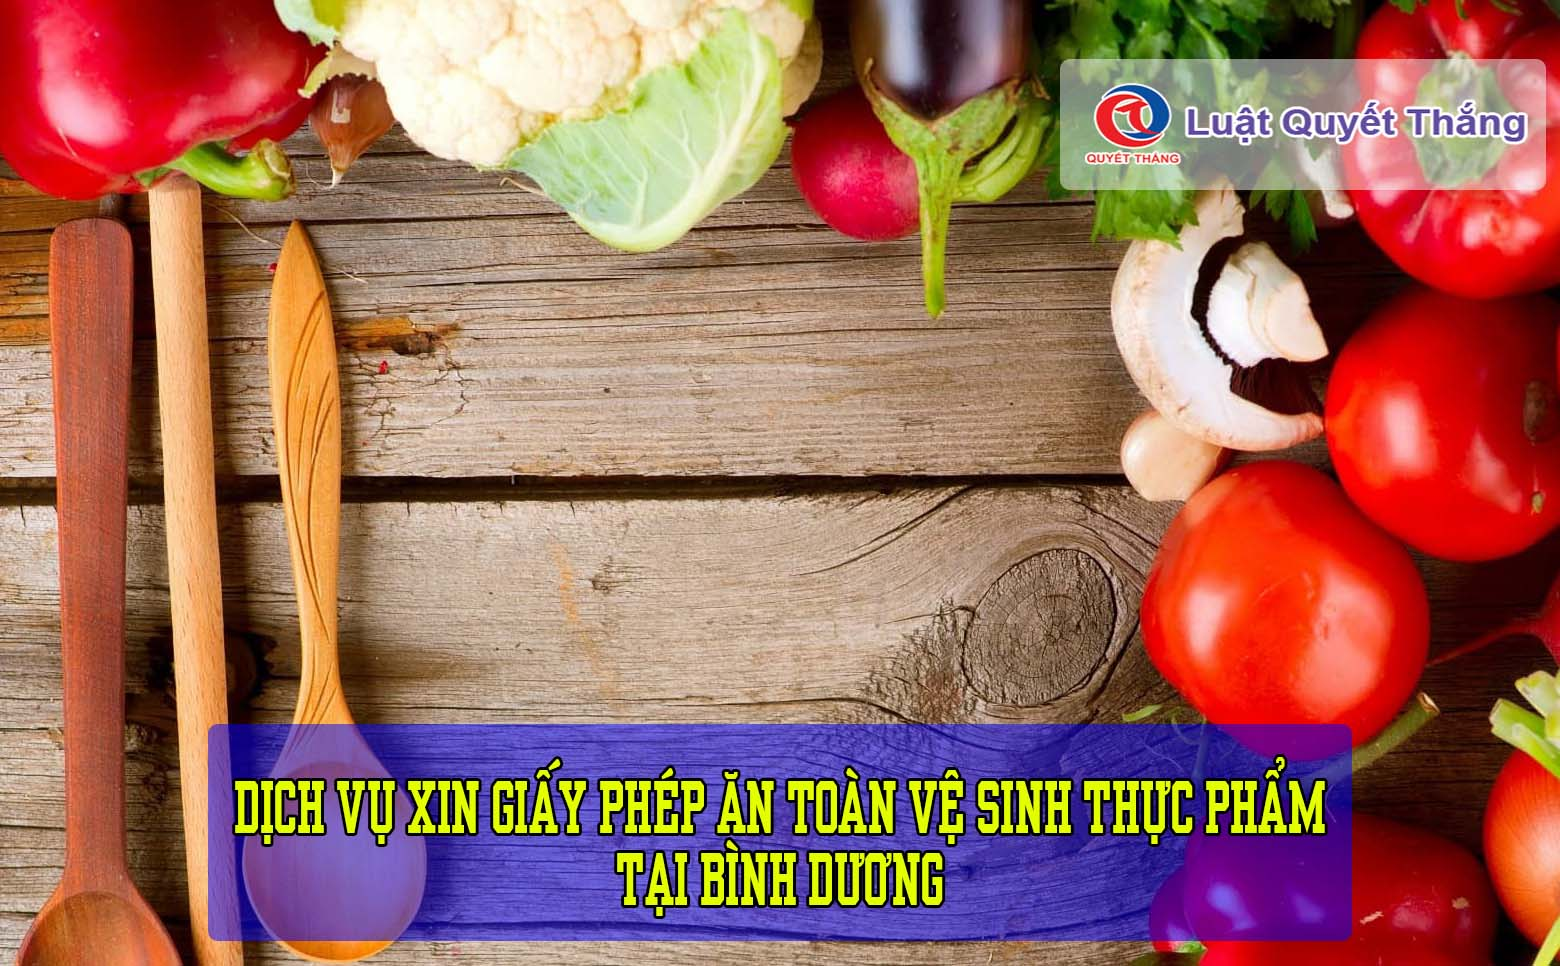 Một góc bếp ăn công nghiệp đảm bảo về tiêu chuẩn vệ sinh an toàn thực phẩm